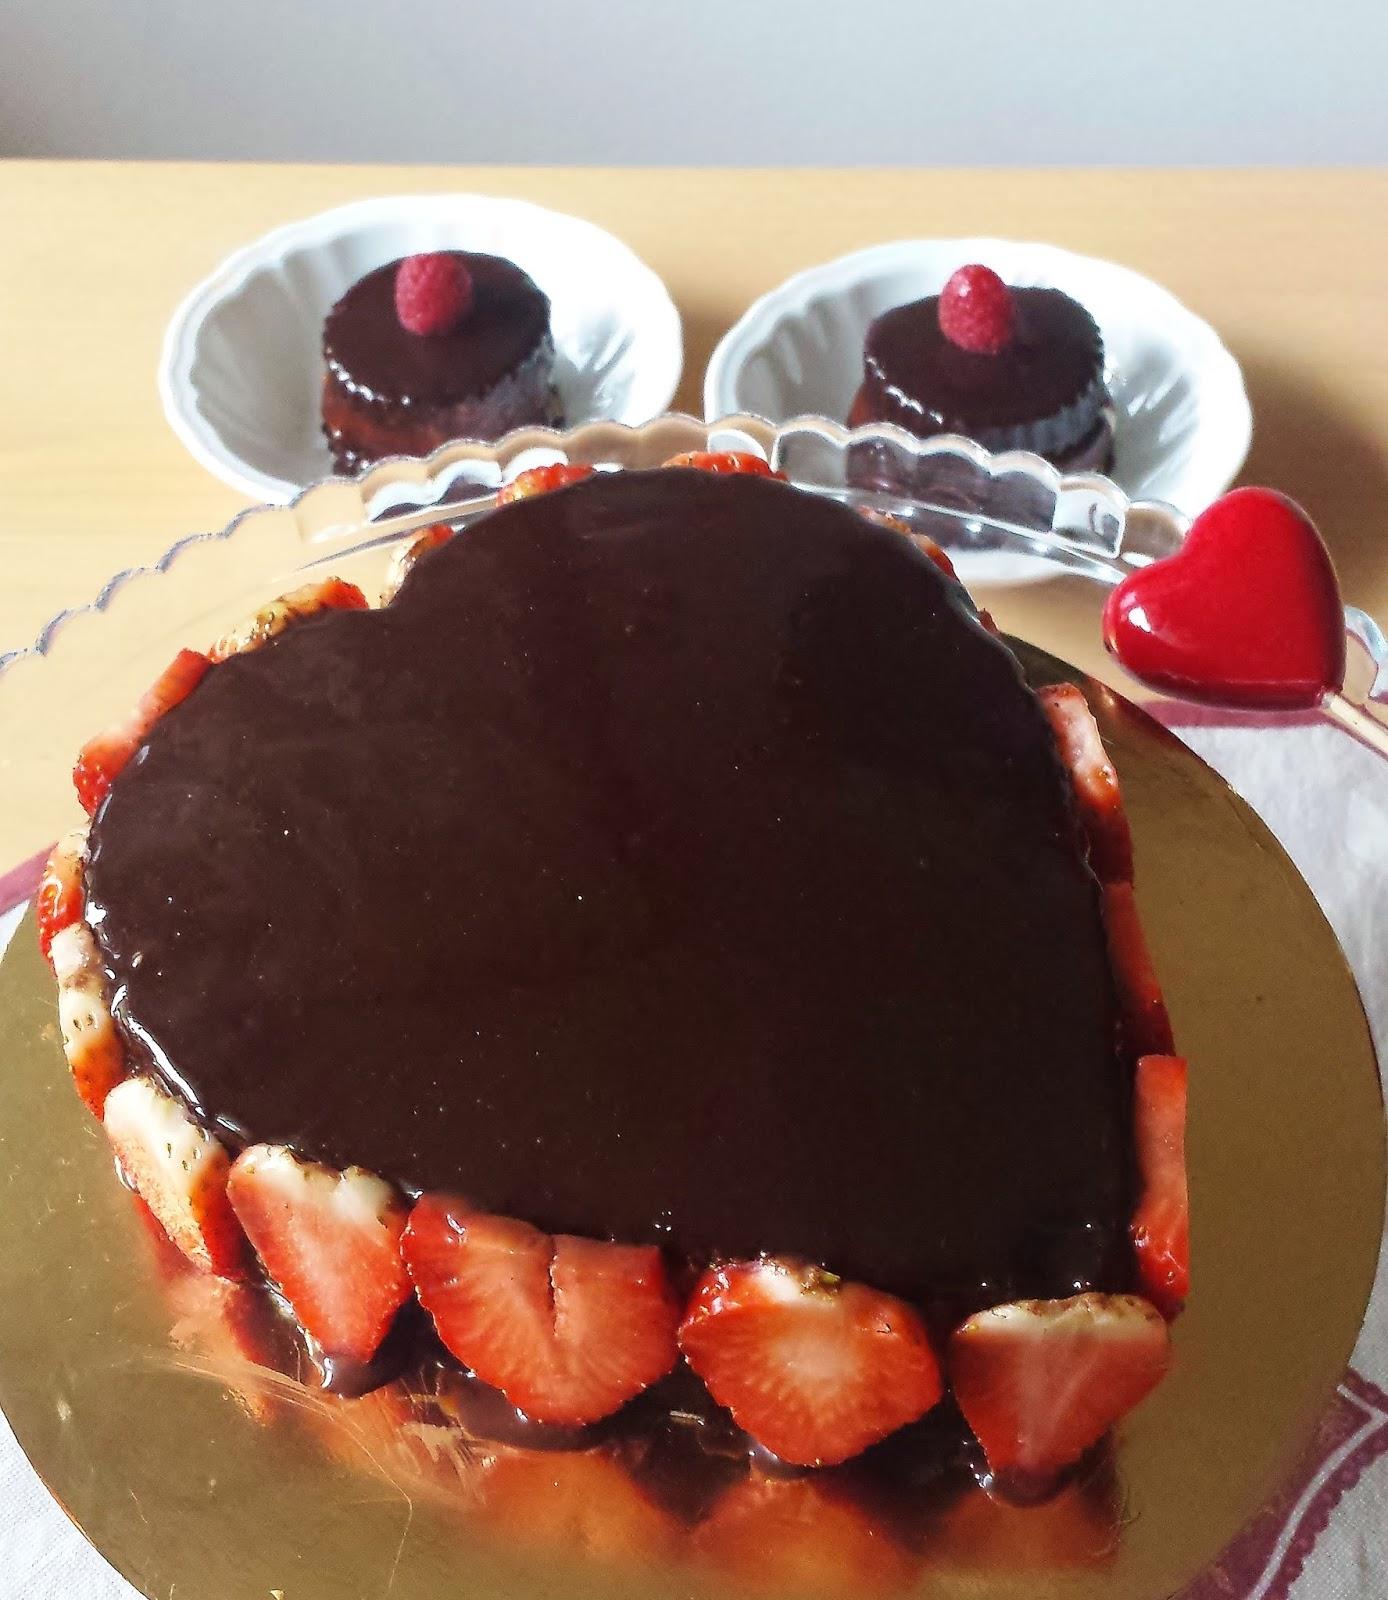 Pasticceria di casa mia torte farcite o decorate in pasta di zucchero - Glassa a specchio knam ...